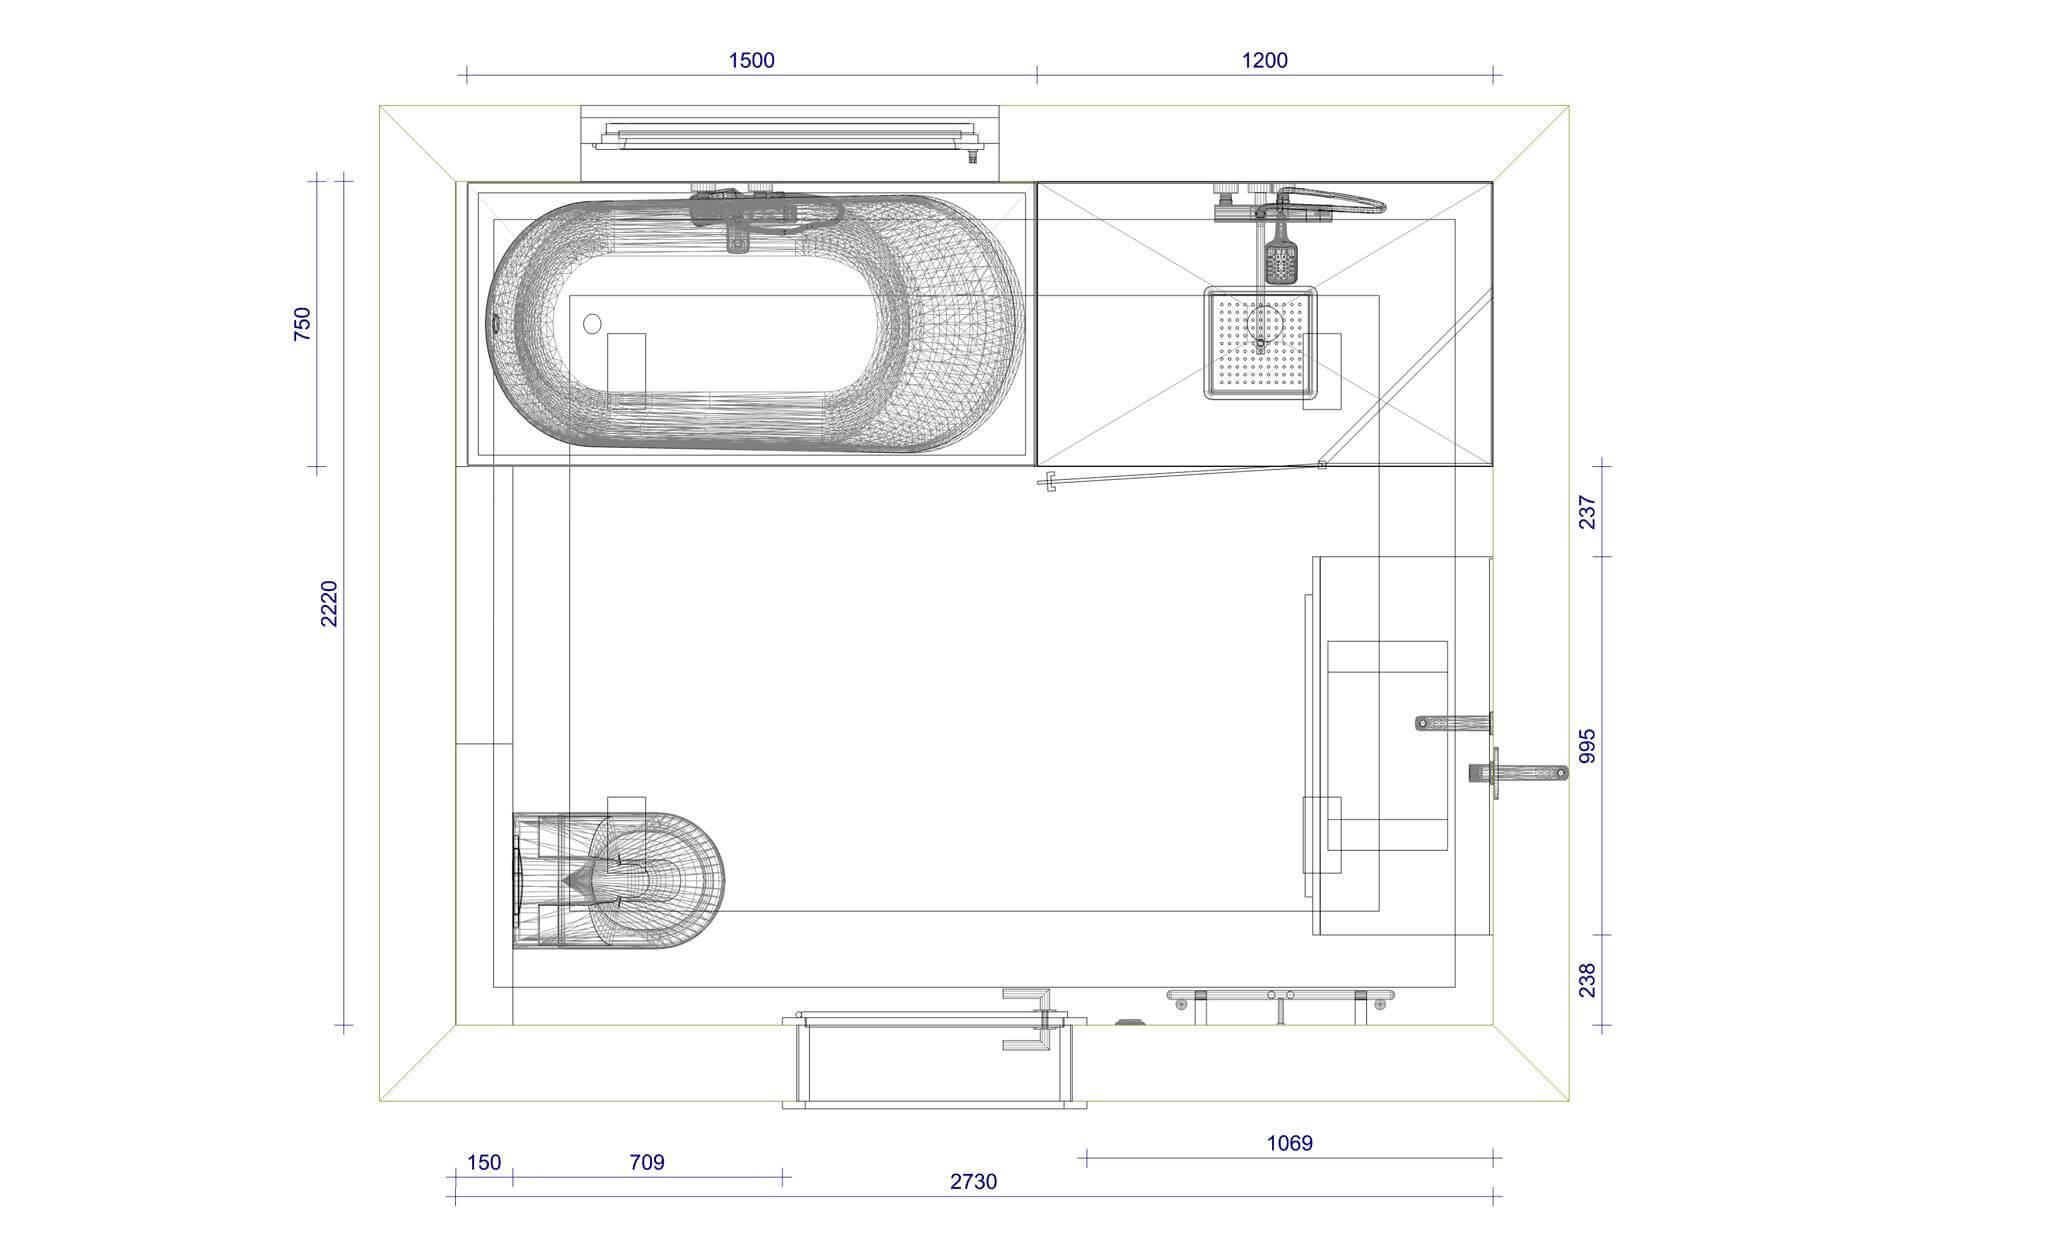 badezimmer planen mit design in bonn, köln und düsseldorf, Badezimmer ideen